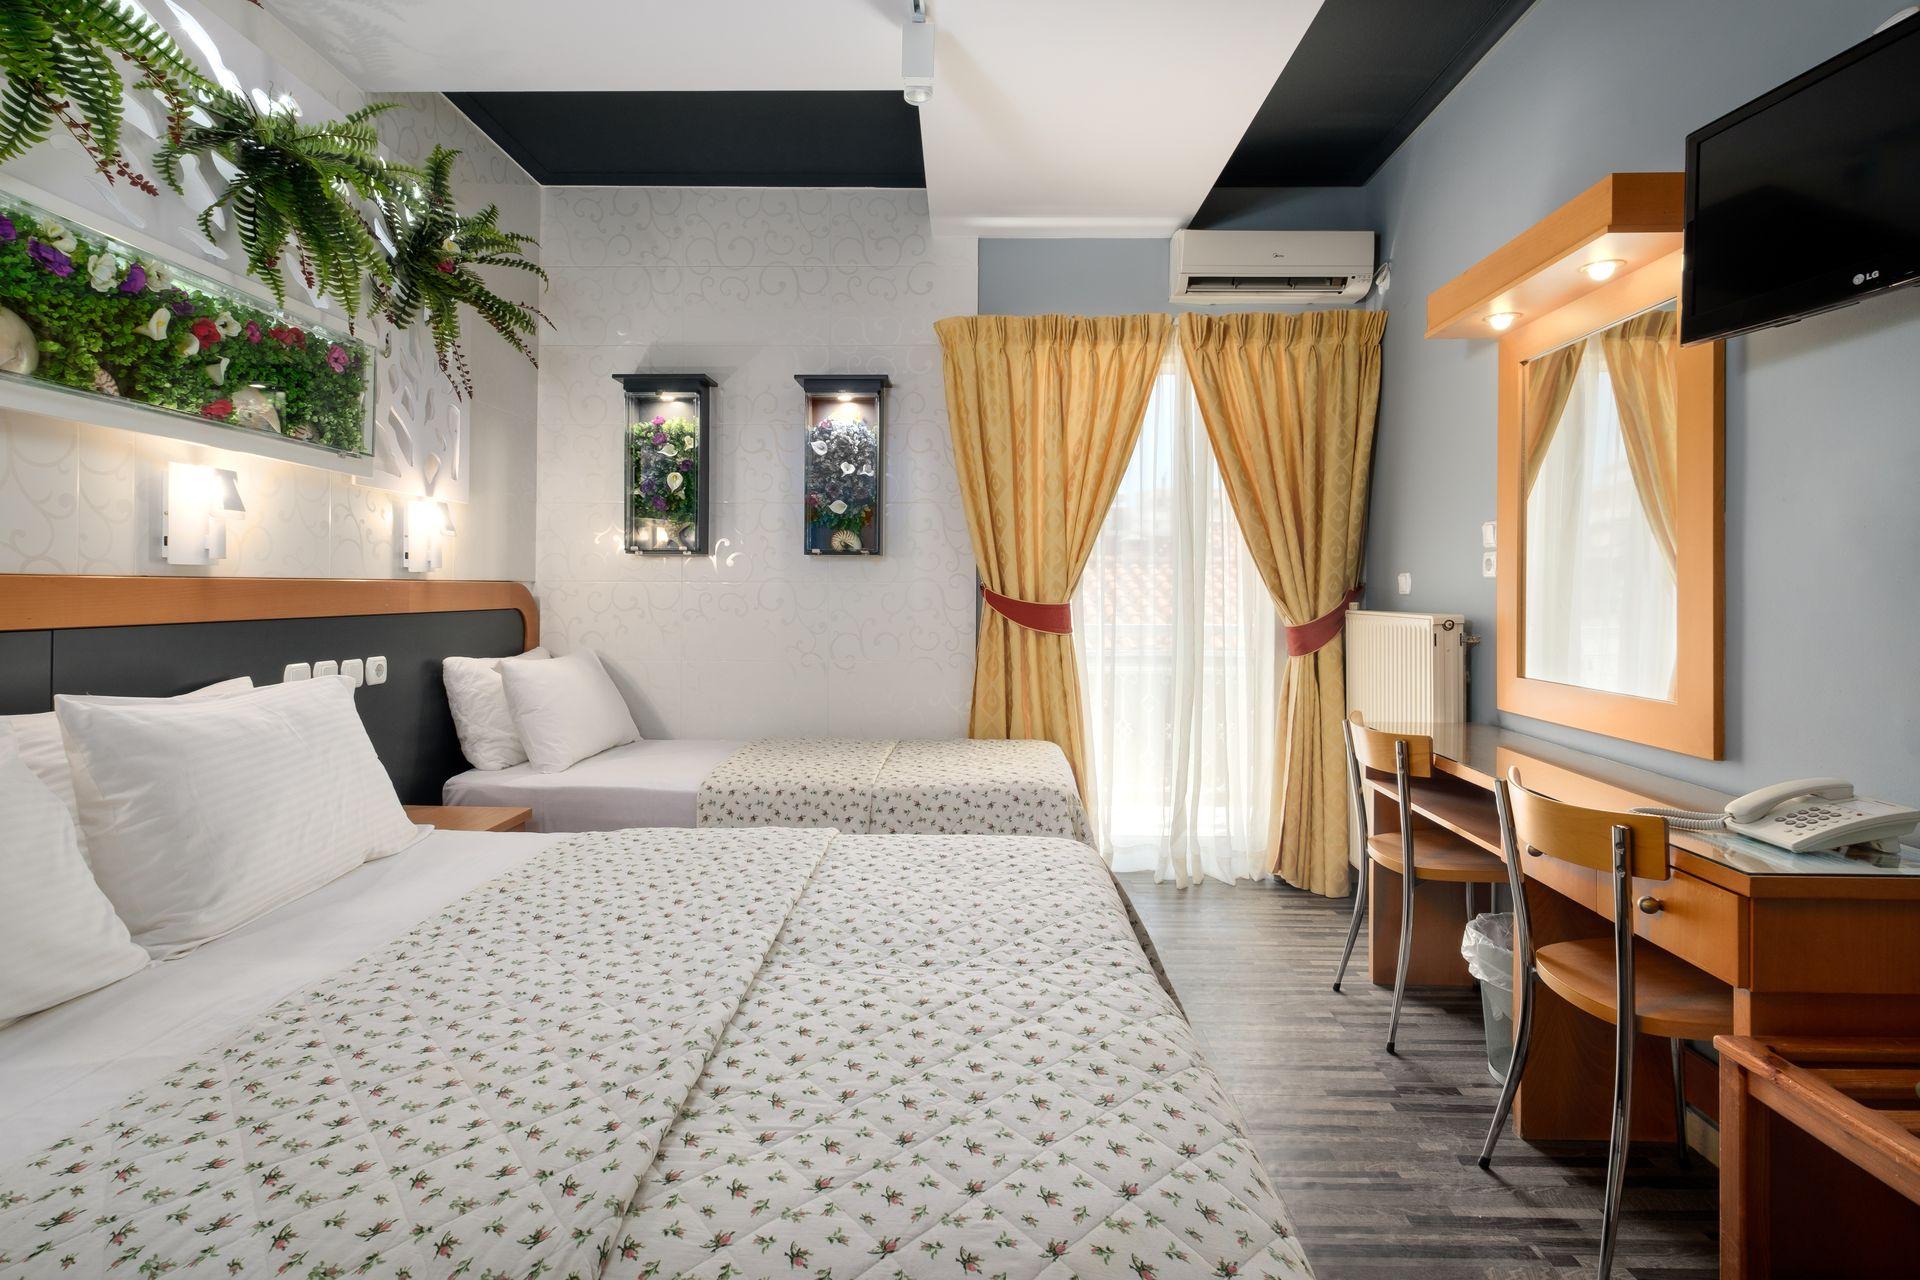 _35v_ 0161_2020_35_hotel segas-edit_resized